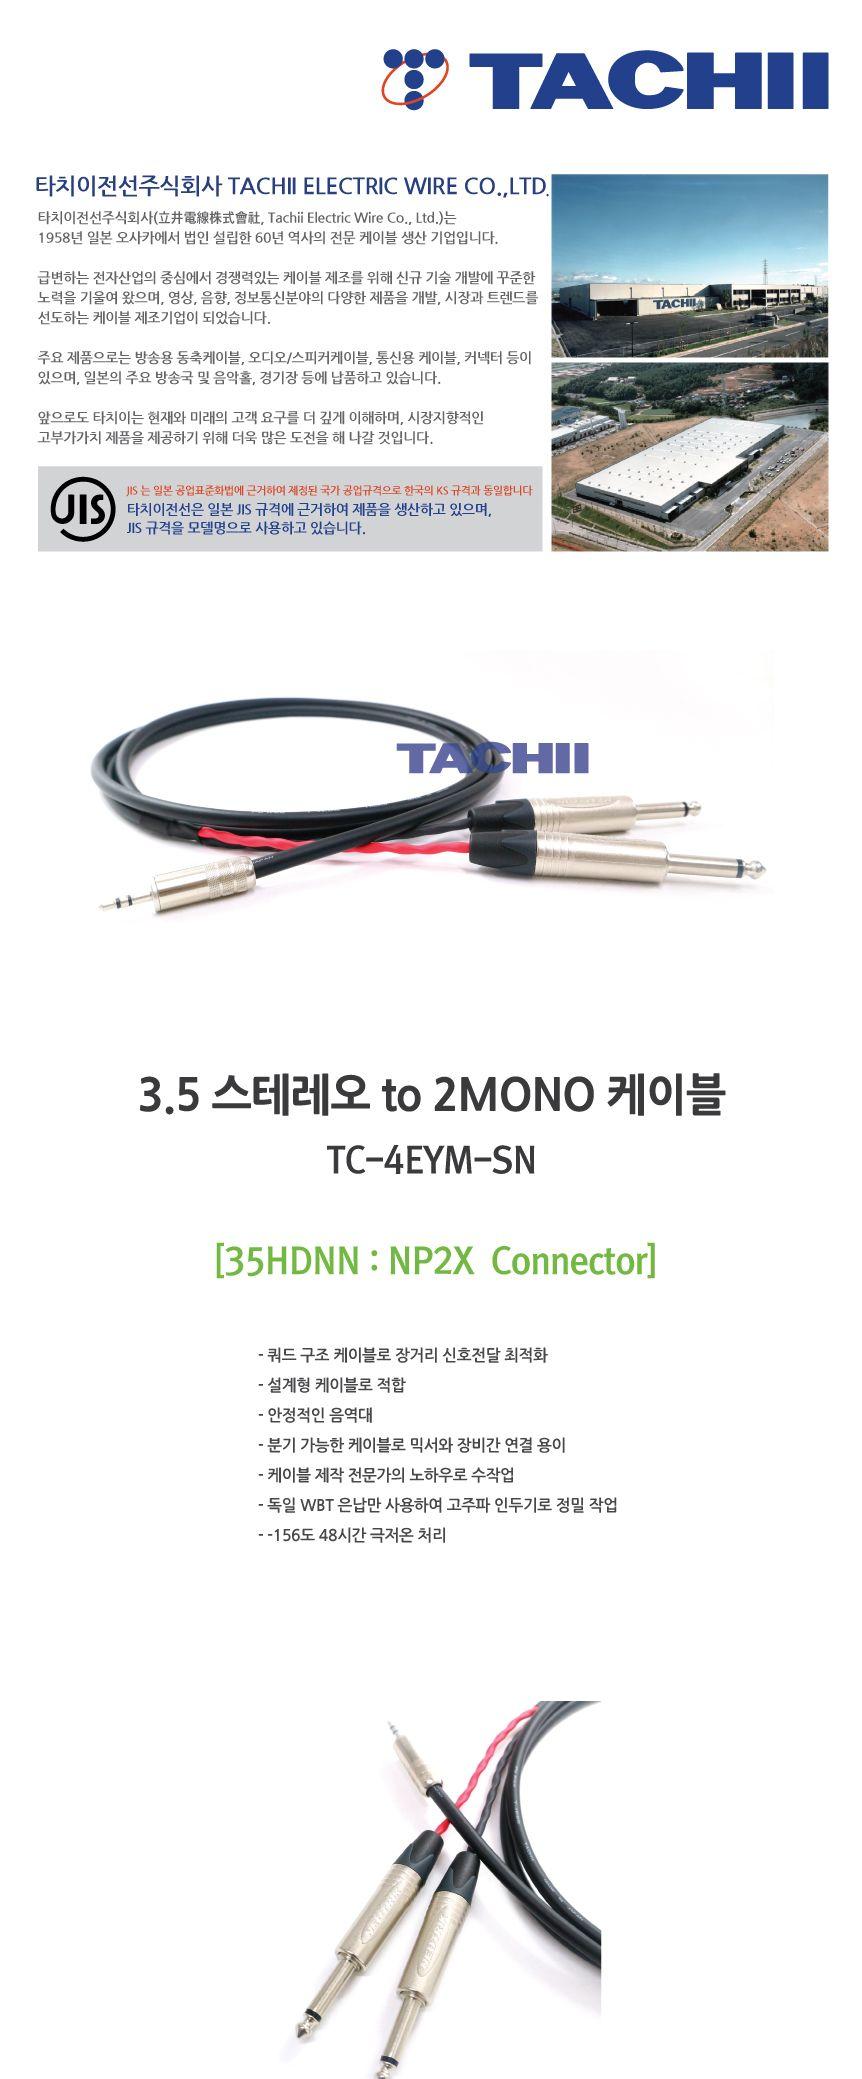 타치이 T-4E6S 3.5 스테레오 to 2MONO 케이블 3m (스 스테레오케이블 스피커케이블 오디오선 오디오스테레오케이블 스테레오케이블선